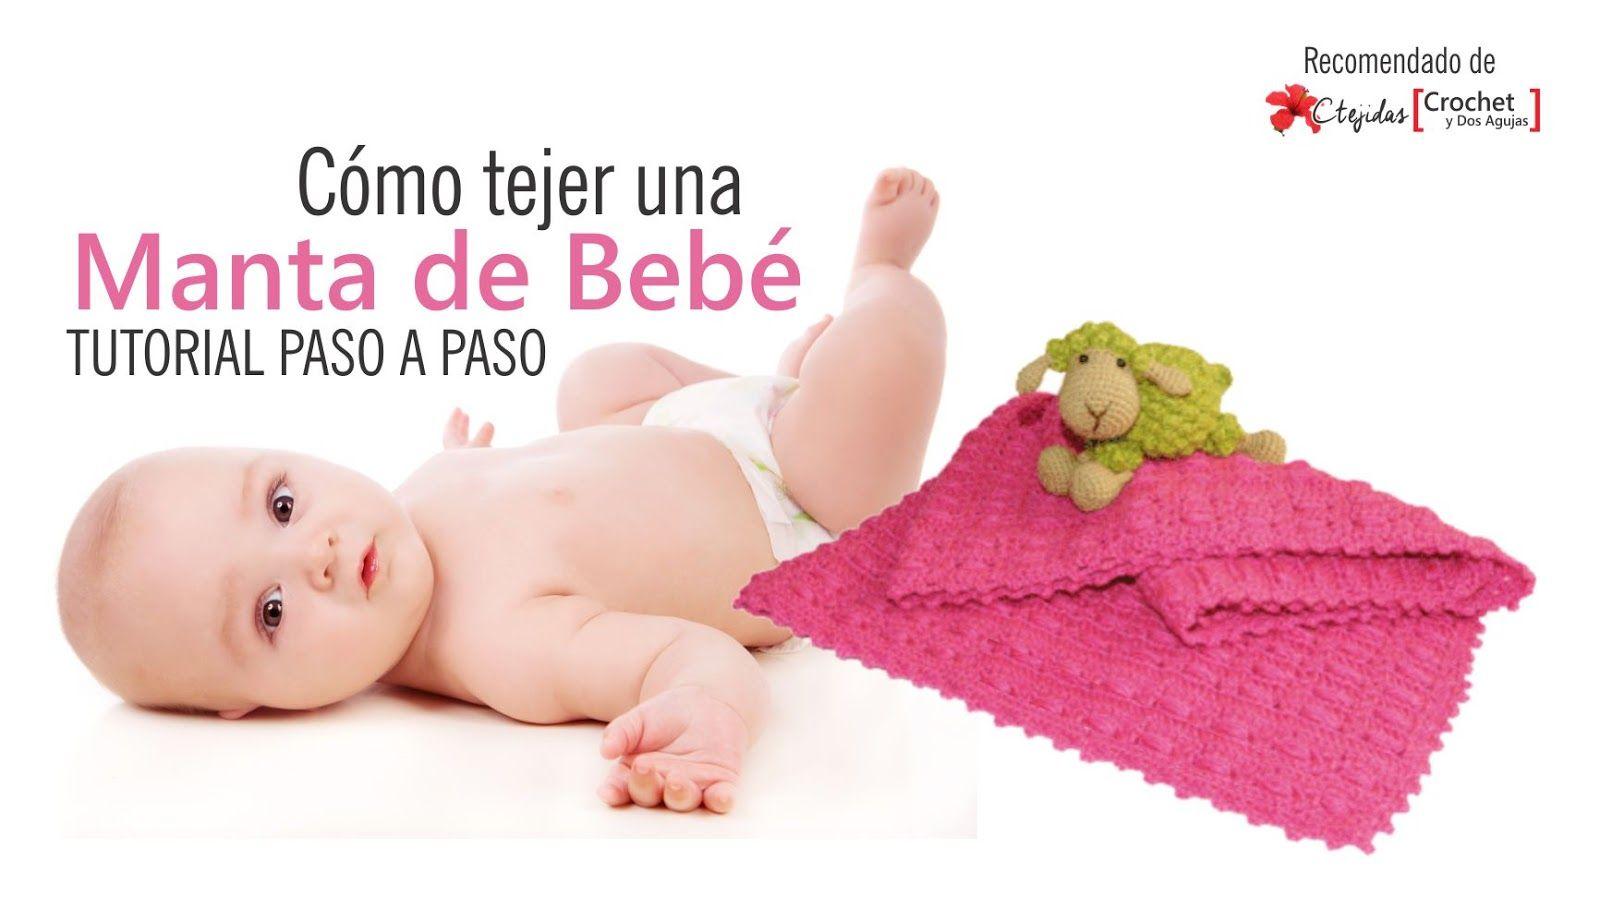 #T61 Tutorial Paso a Paso: Cómo tejer una manta de bebé a crochet ~ CTejidas [Crochet y Dos Agujas]